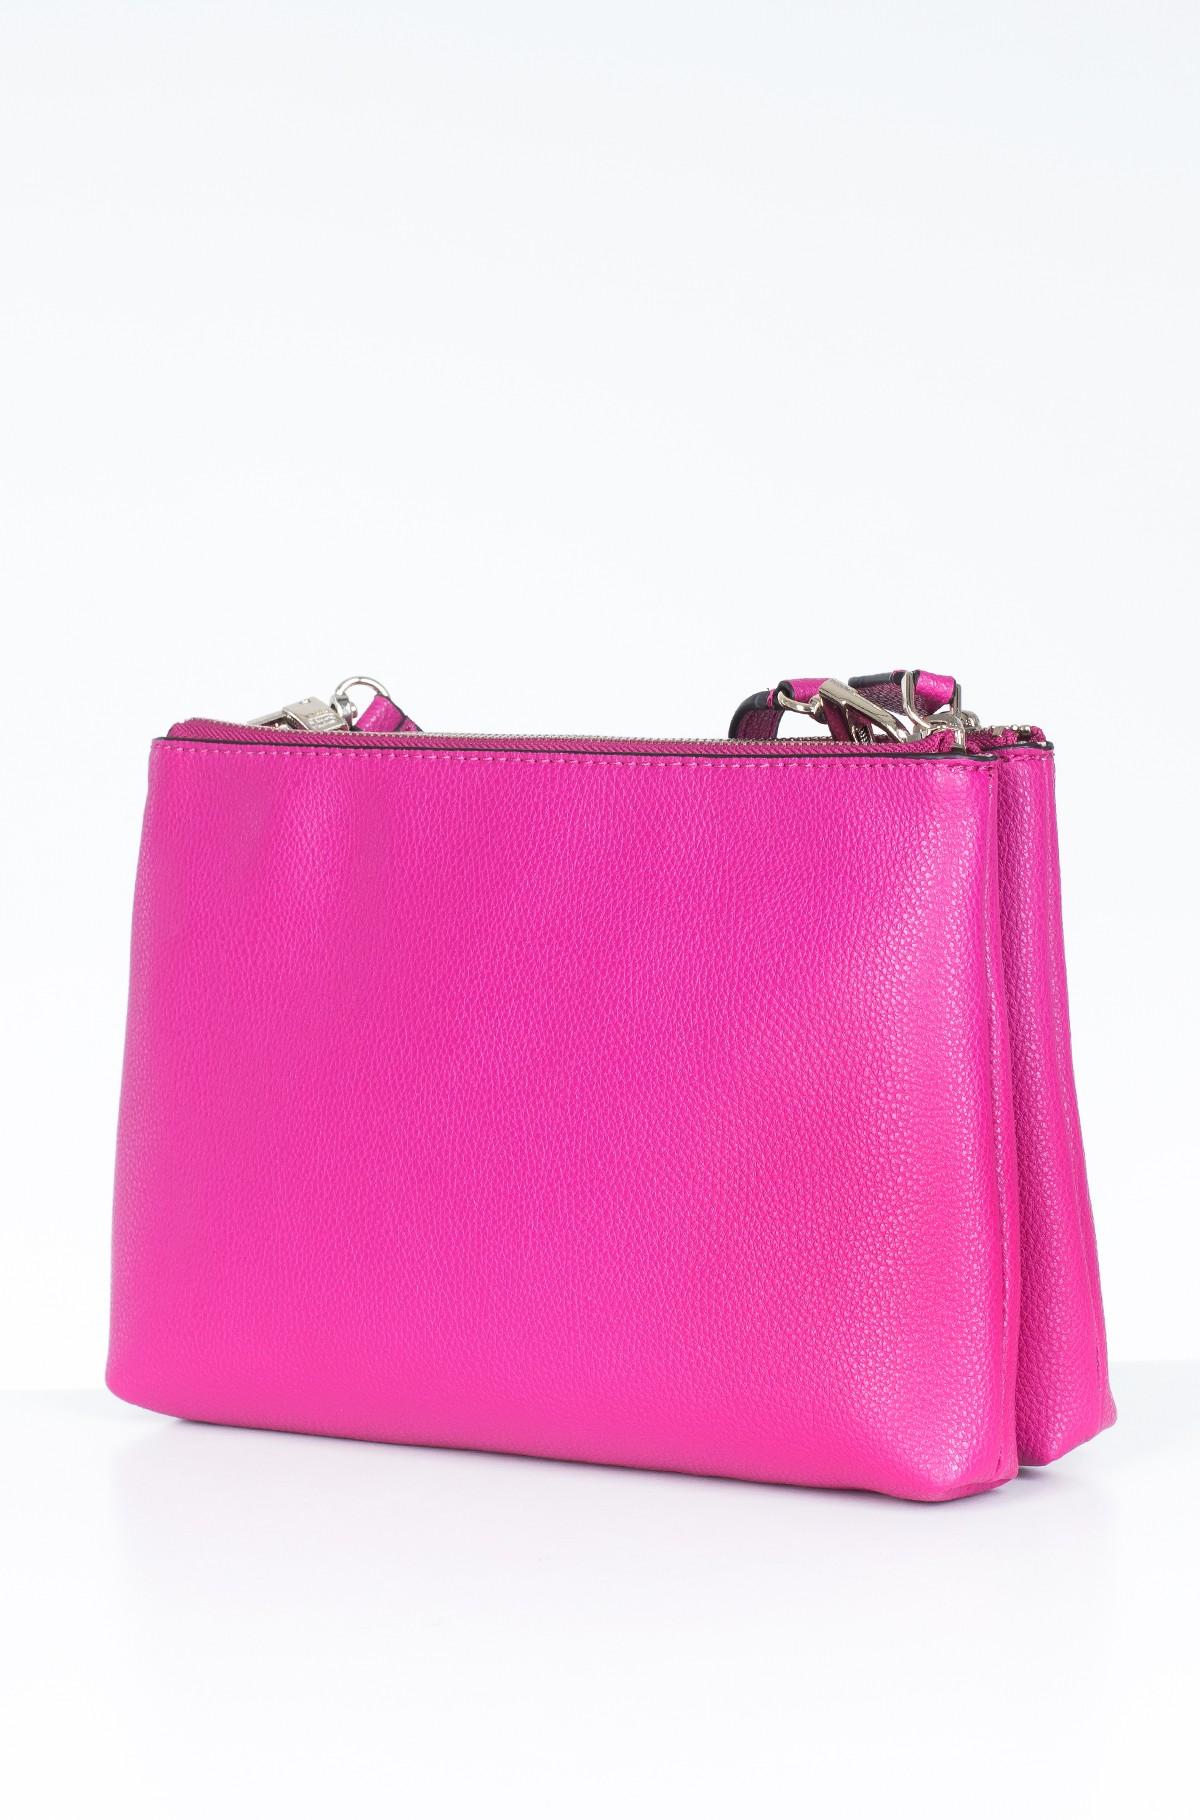 Shoulder bag HWVG75 84700-full-3